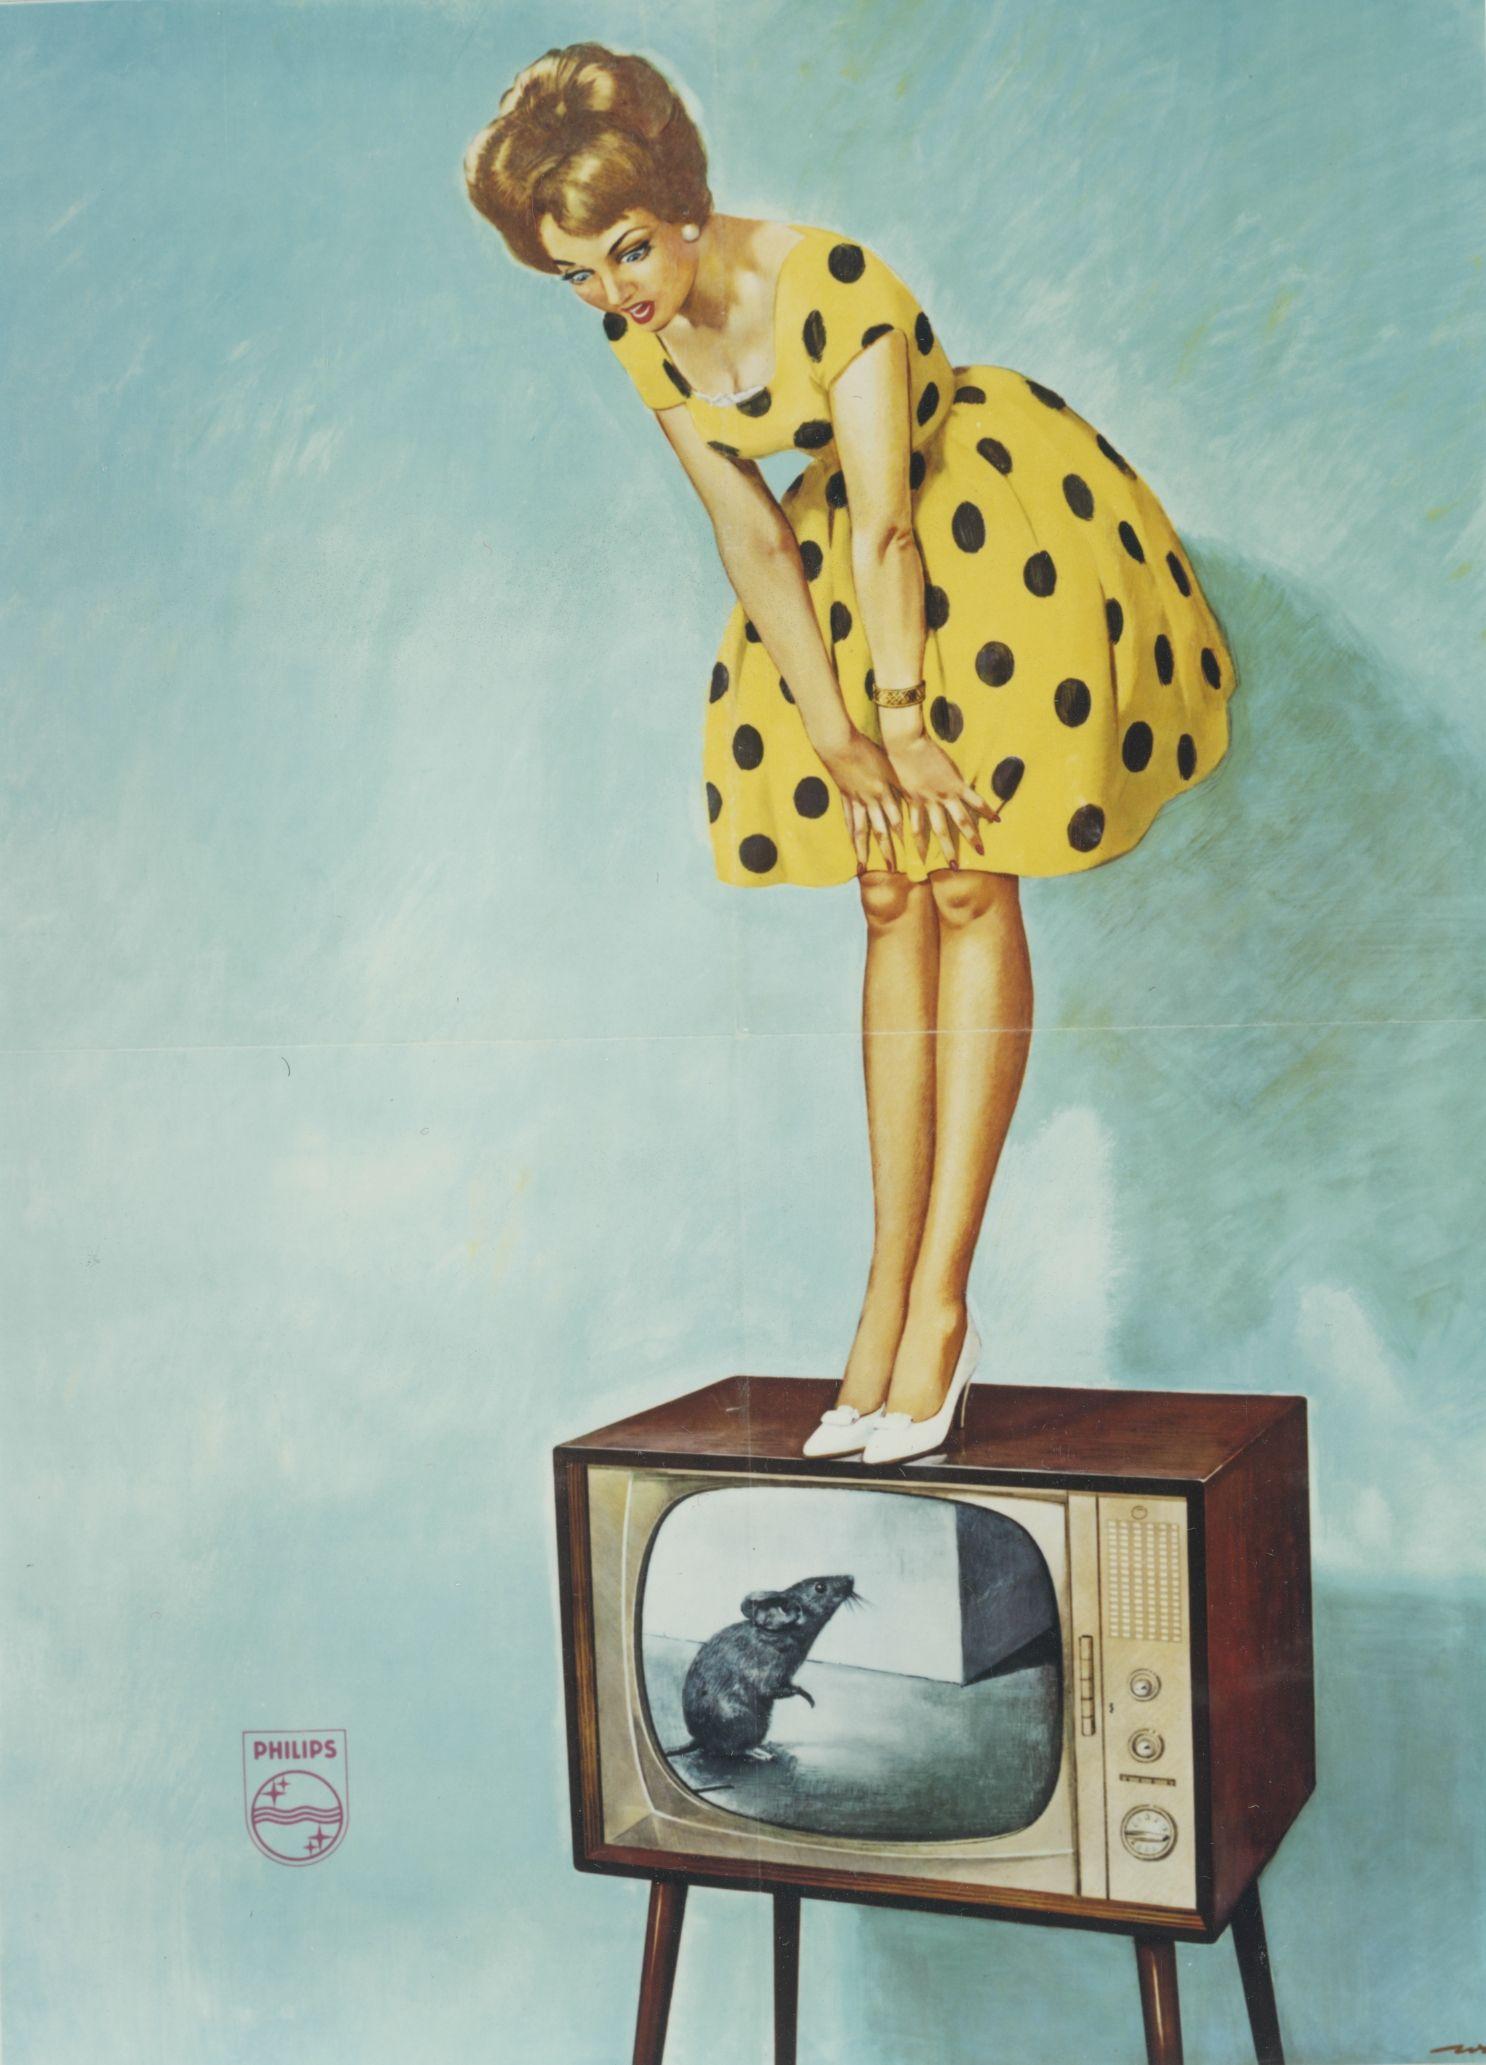 Vintage Television Ads 4